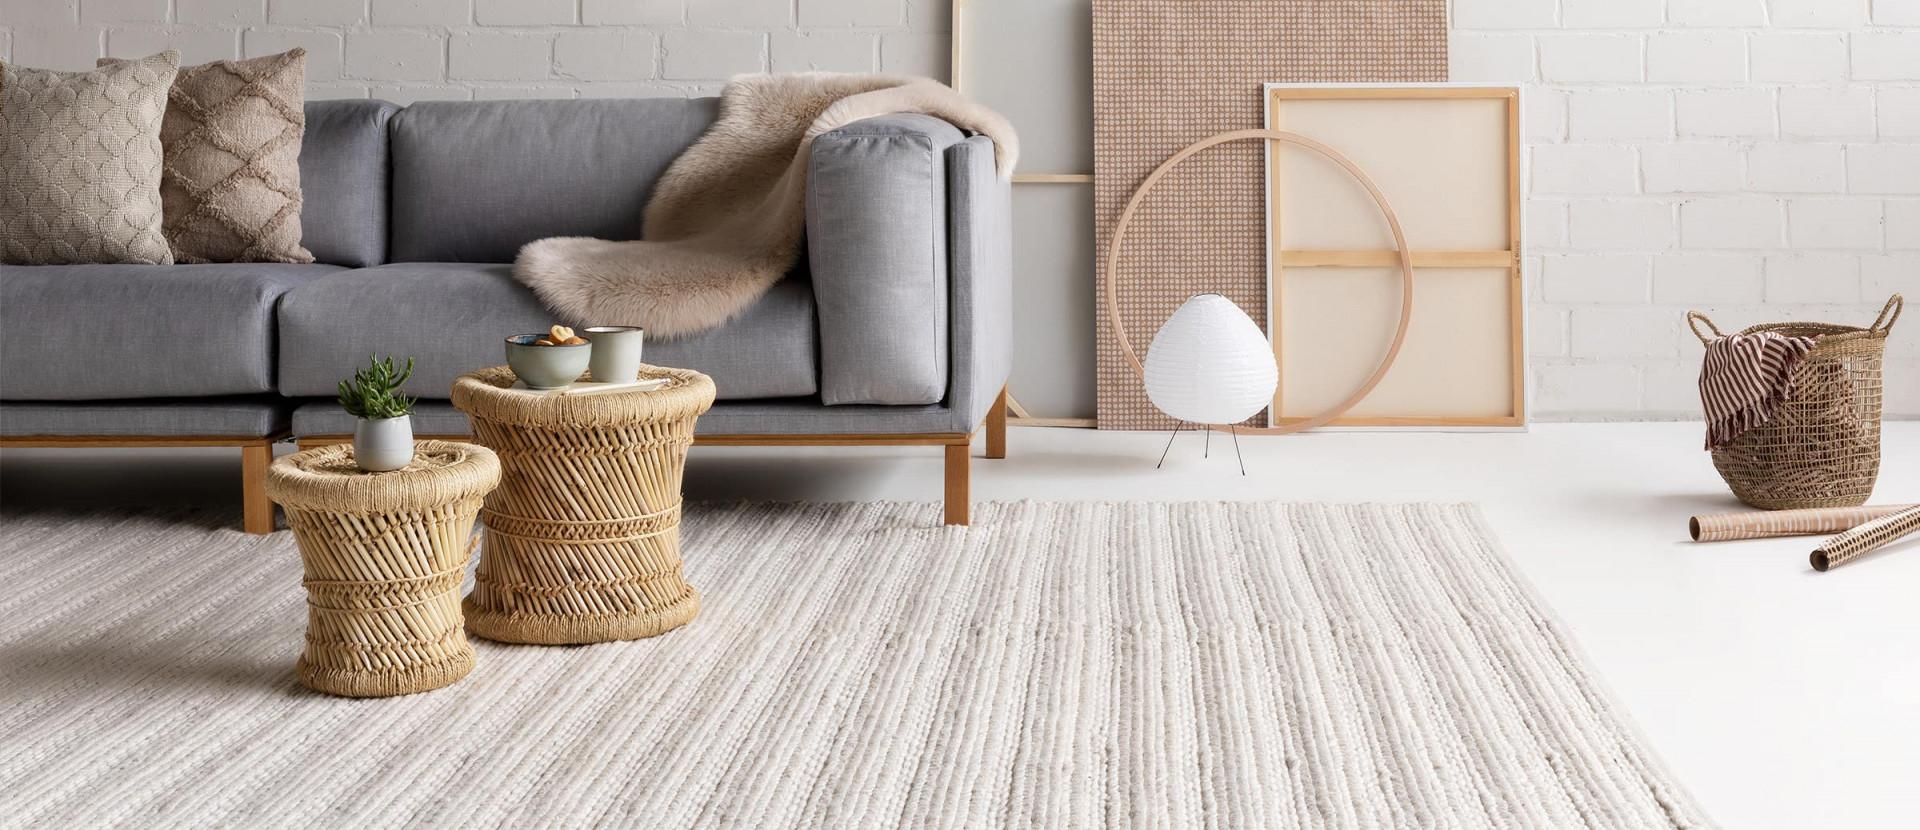 Welcher Teppich Passt Zu Mir  Hilfreiche Tipps von Teppich Rund Wohnzimmer Photo